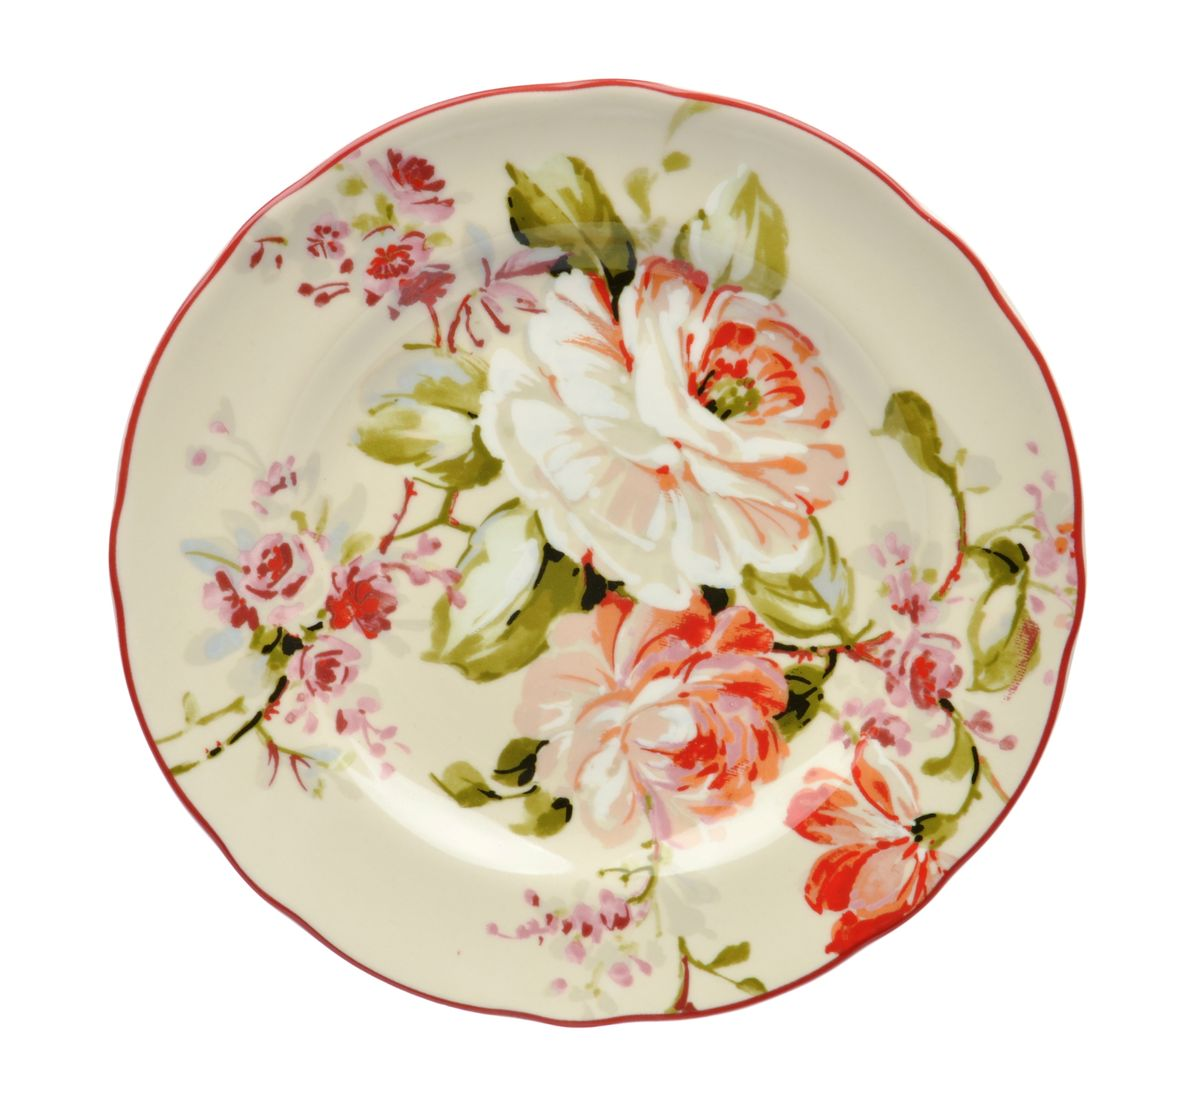 Тарелка десертная Utana Эмилия, диаметр 22 см115510Тарелка десертная Utana Эмилия изготовлена из высококачественной керамики. Предназначена для красивой подачи различных блюд. Изделие декорировано ярким рисунком. Такая тарелка украсит сервировку стола и подчеркнет прекрасный вкус хозяйки.Можно мыть в посудомоечной машине и использовать в СВЧ. Диаметр: 22 см.Высота: 3 см.